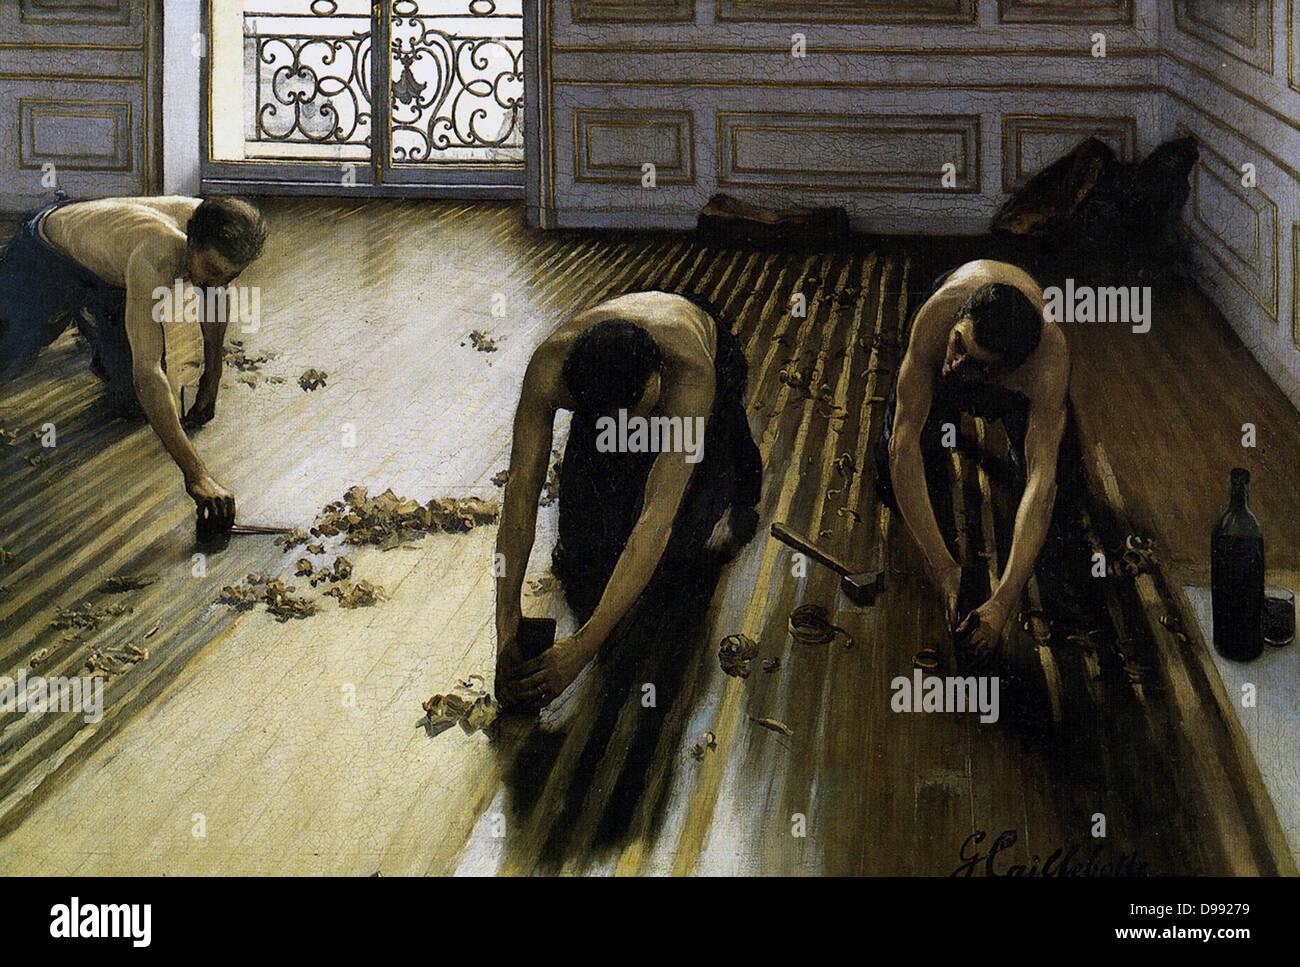 Les raboteurs' (il pavimento raschiatori) 1875. Olio su tela. Impressionismo Scuola realista operaio interno Immagini Stock